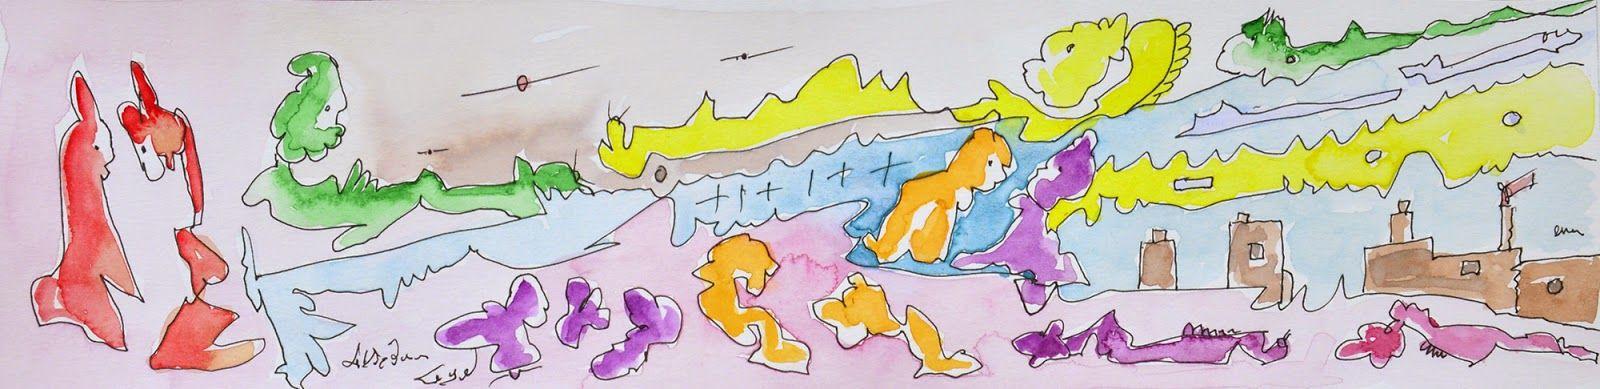 L'arte di Vittorio Amadio: Once Upon A Time. C'era una volta E poi parlavano lo stesso linguaggio dei cani, dei gatti, dei topi e dei conigli che popolavano uno dei regni più strani che madre natura e qualche uomo perso avevano costruito...